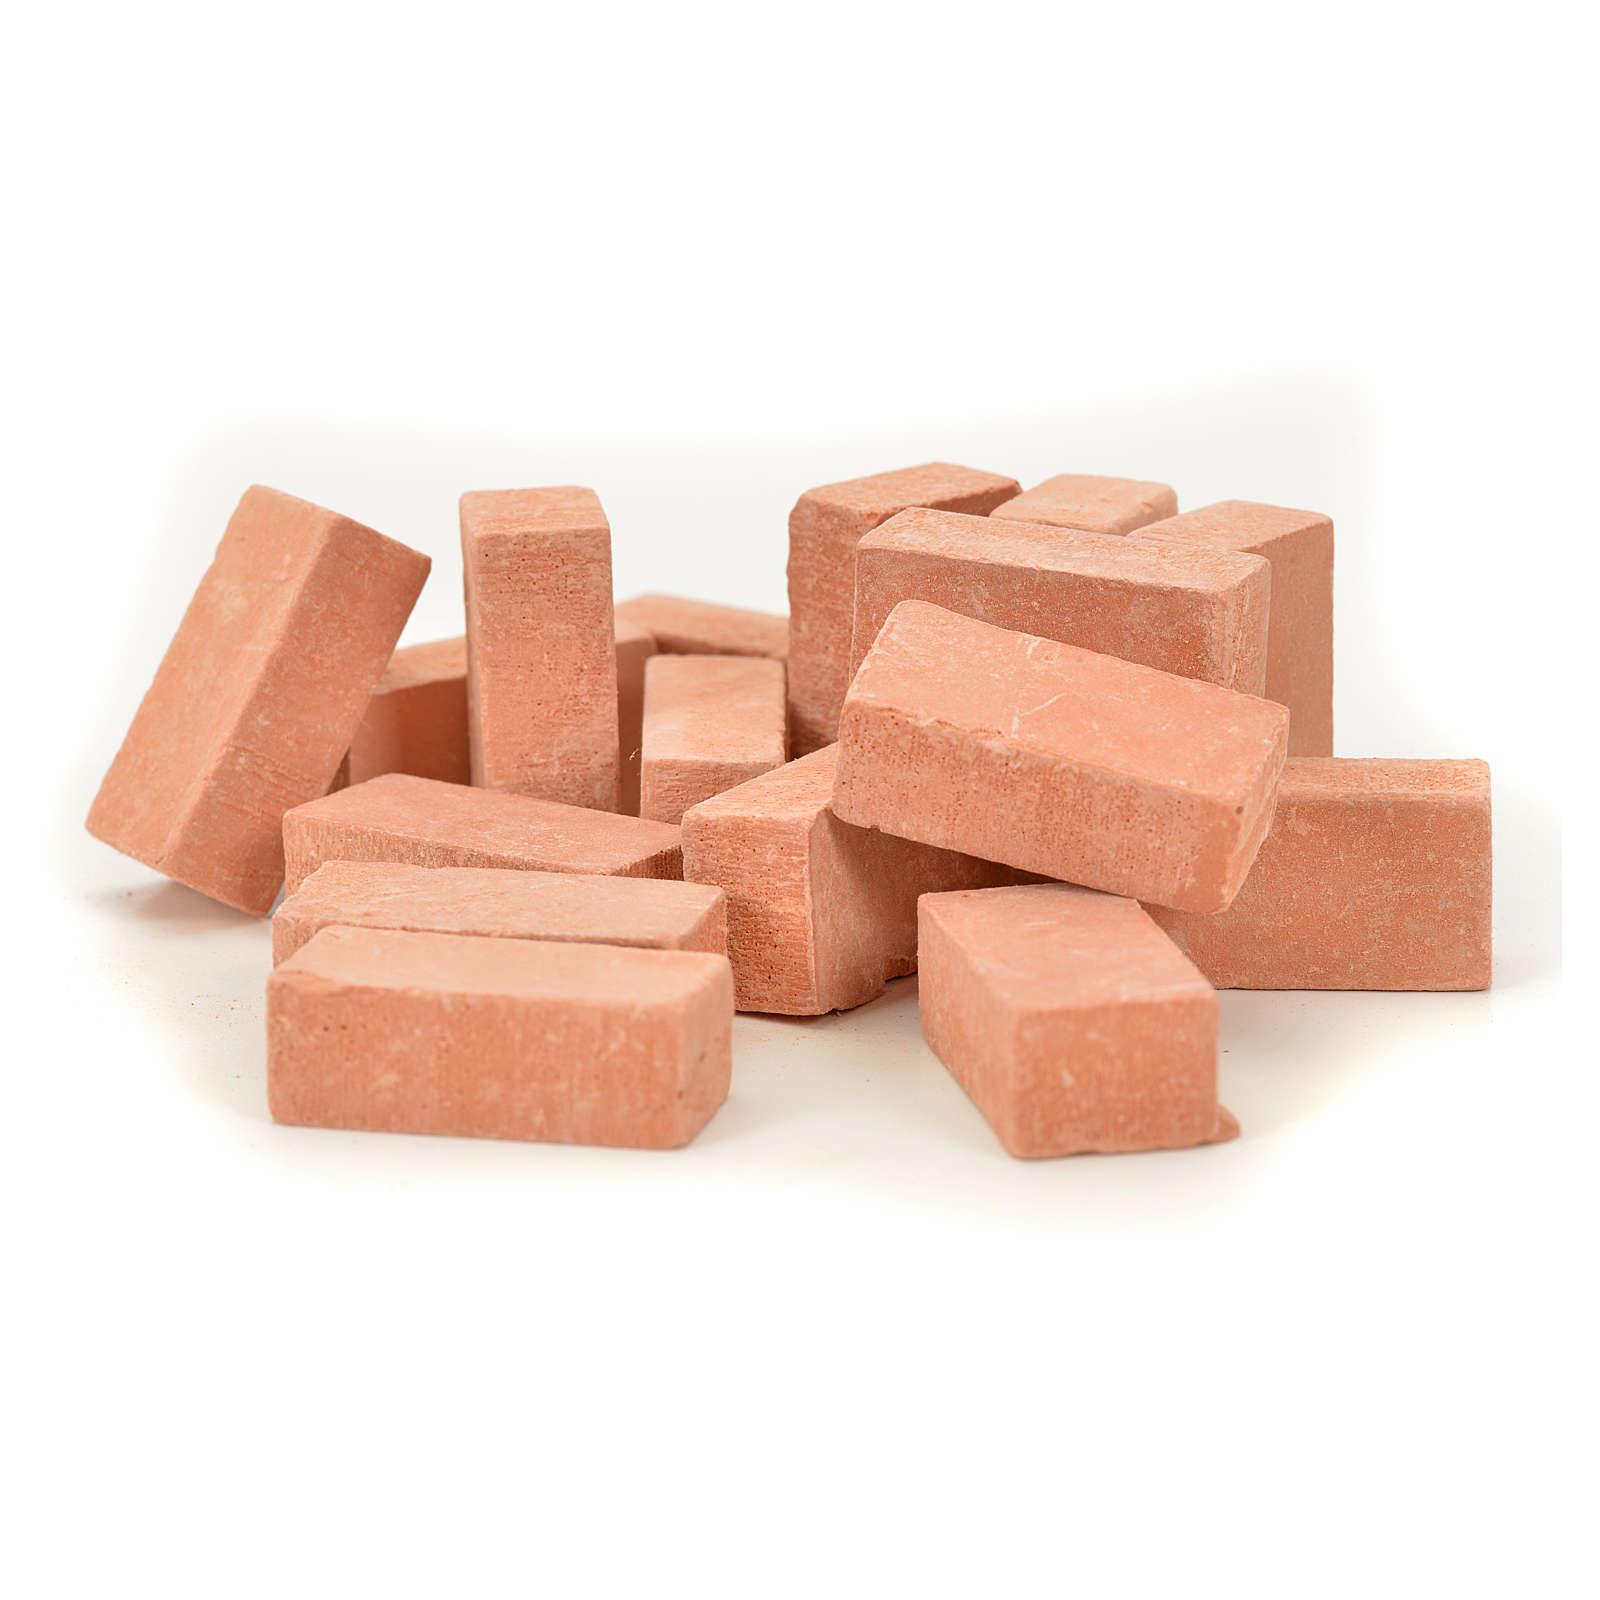 Briques miniatures 20x10 mm 16 pcs 4